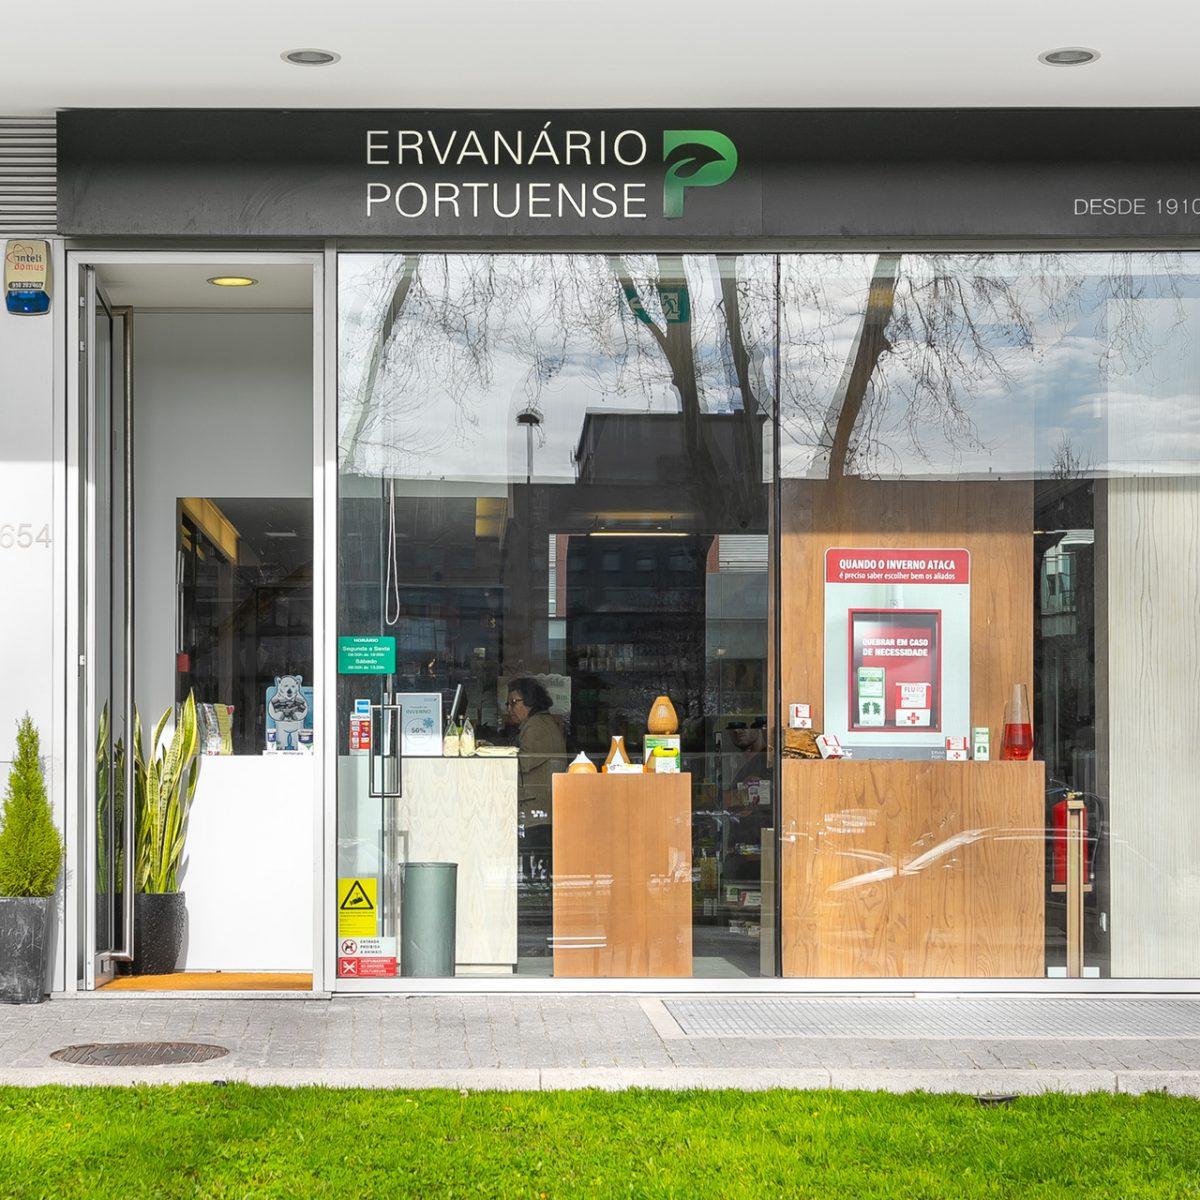 Ervanario-portuense-sao-joao